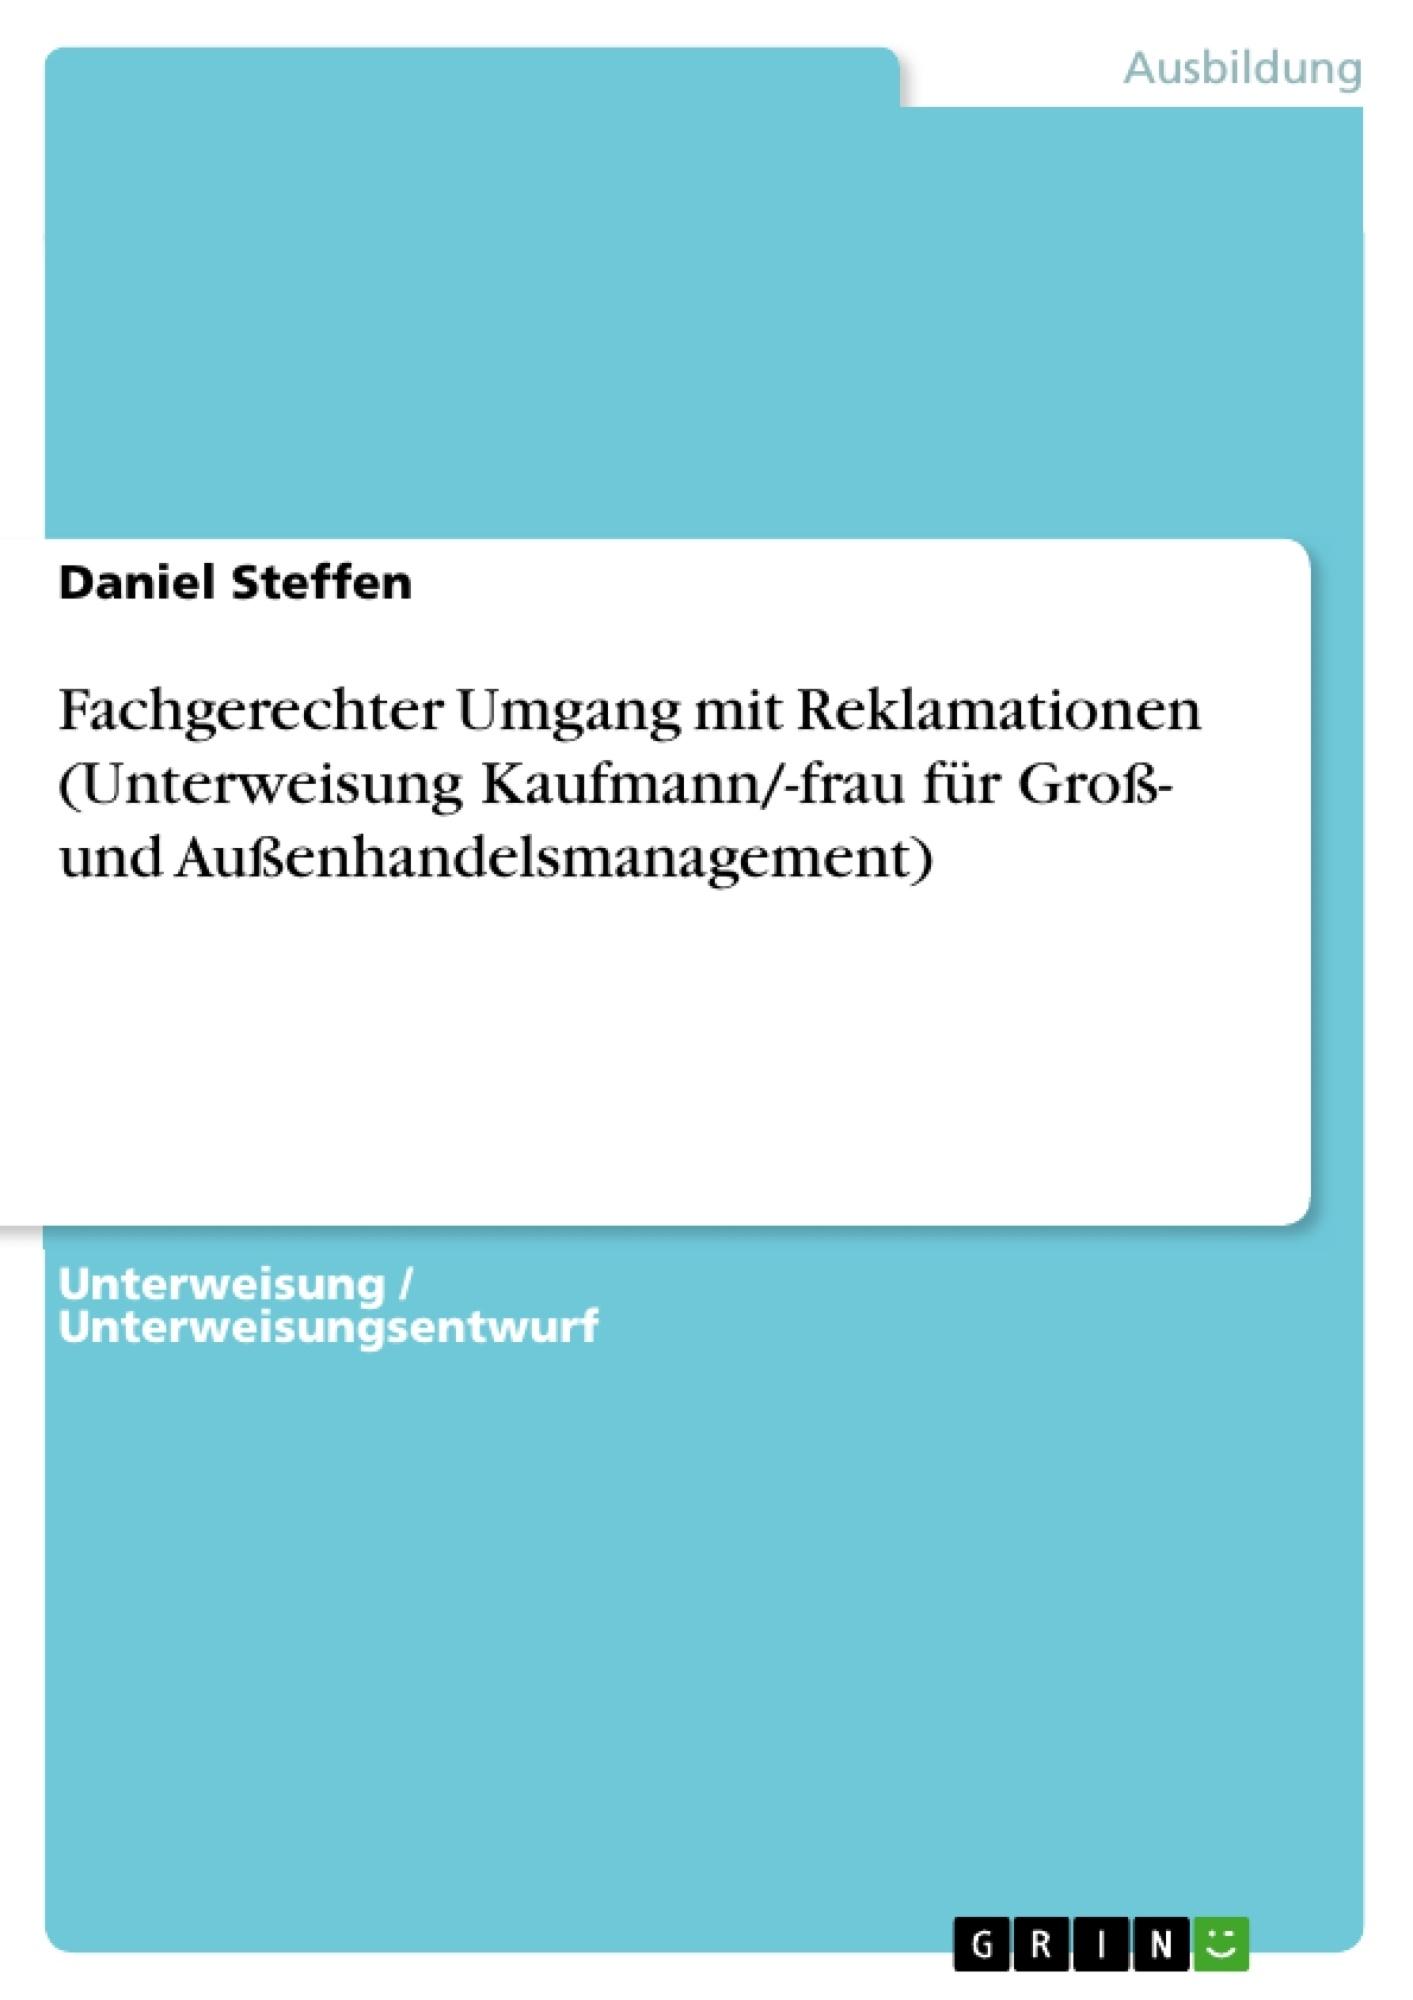 Titel: Fachgerechter Umgang mit Reklamationen (Unterweisung Kaufmann/-frau für Groß- und Außenhandelsmanagement)